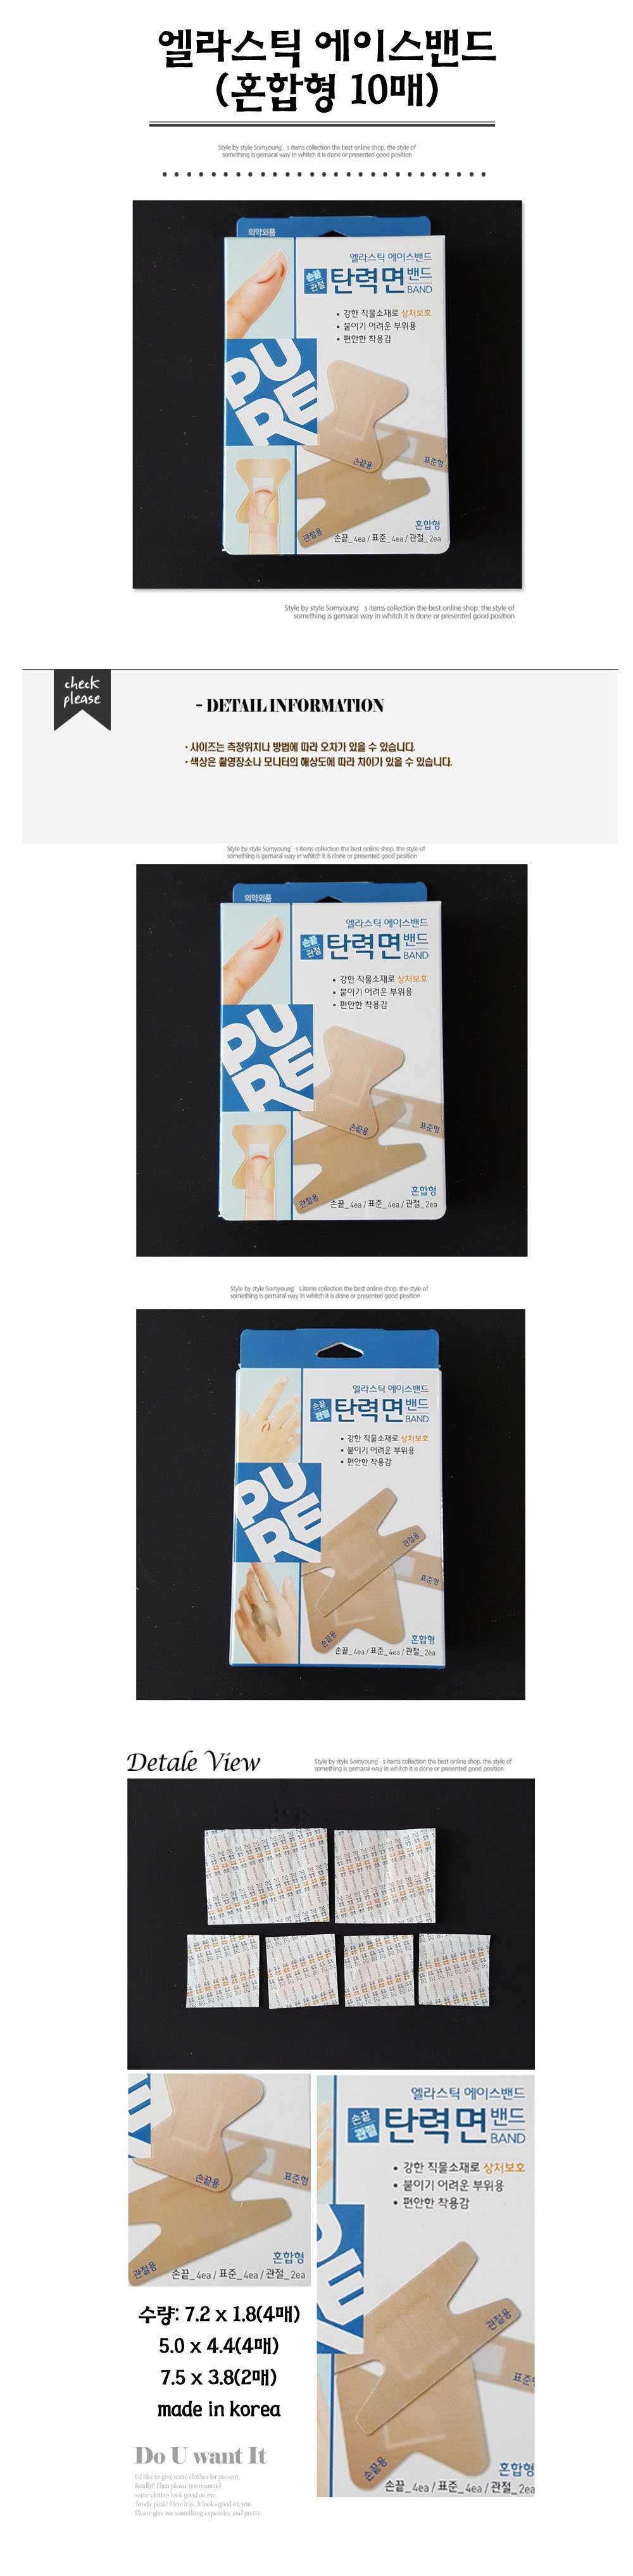 [재고한정]엘라스틱 손끝밴드/관절 밴드/일반밴드 10매 (붙이기 어려운 부위용)